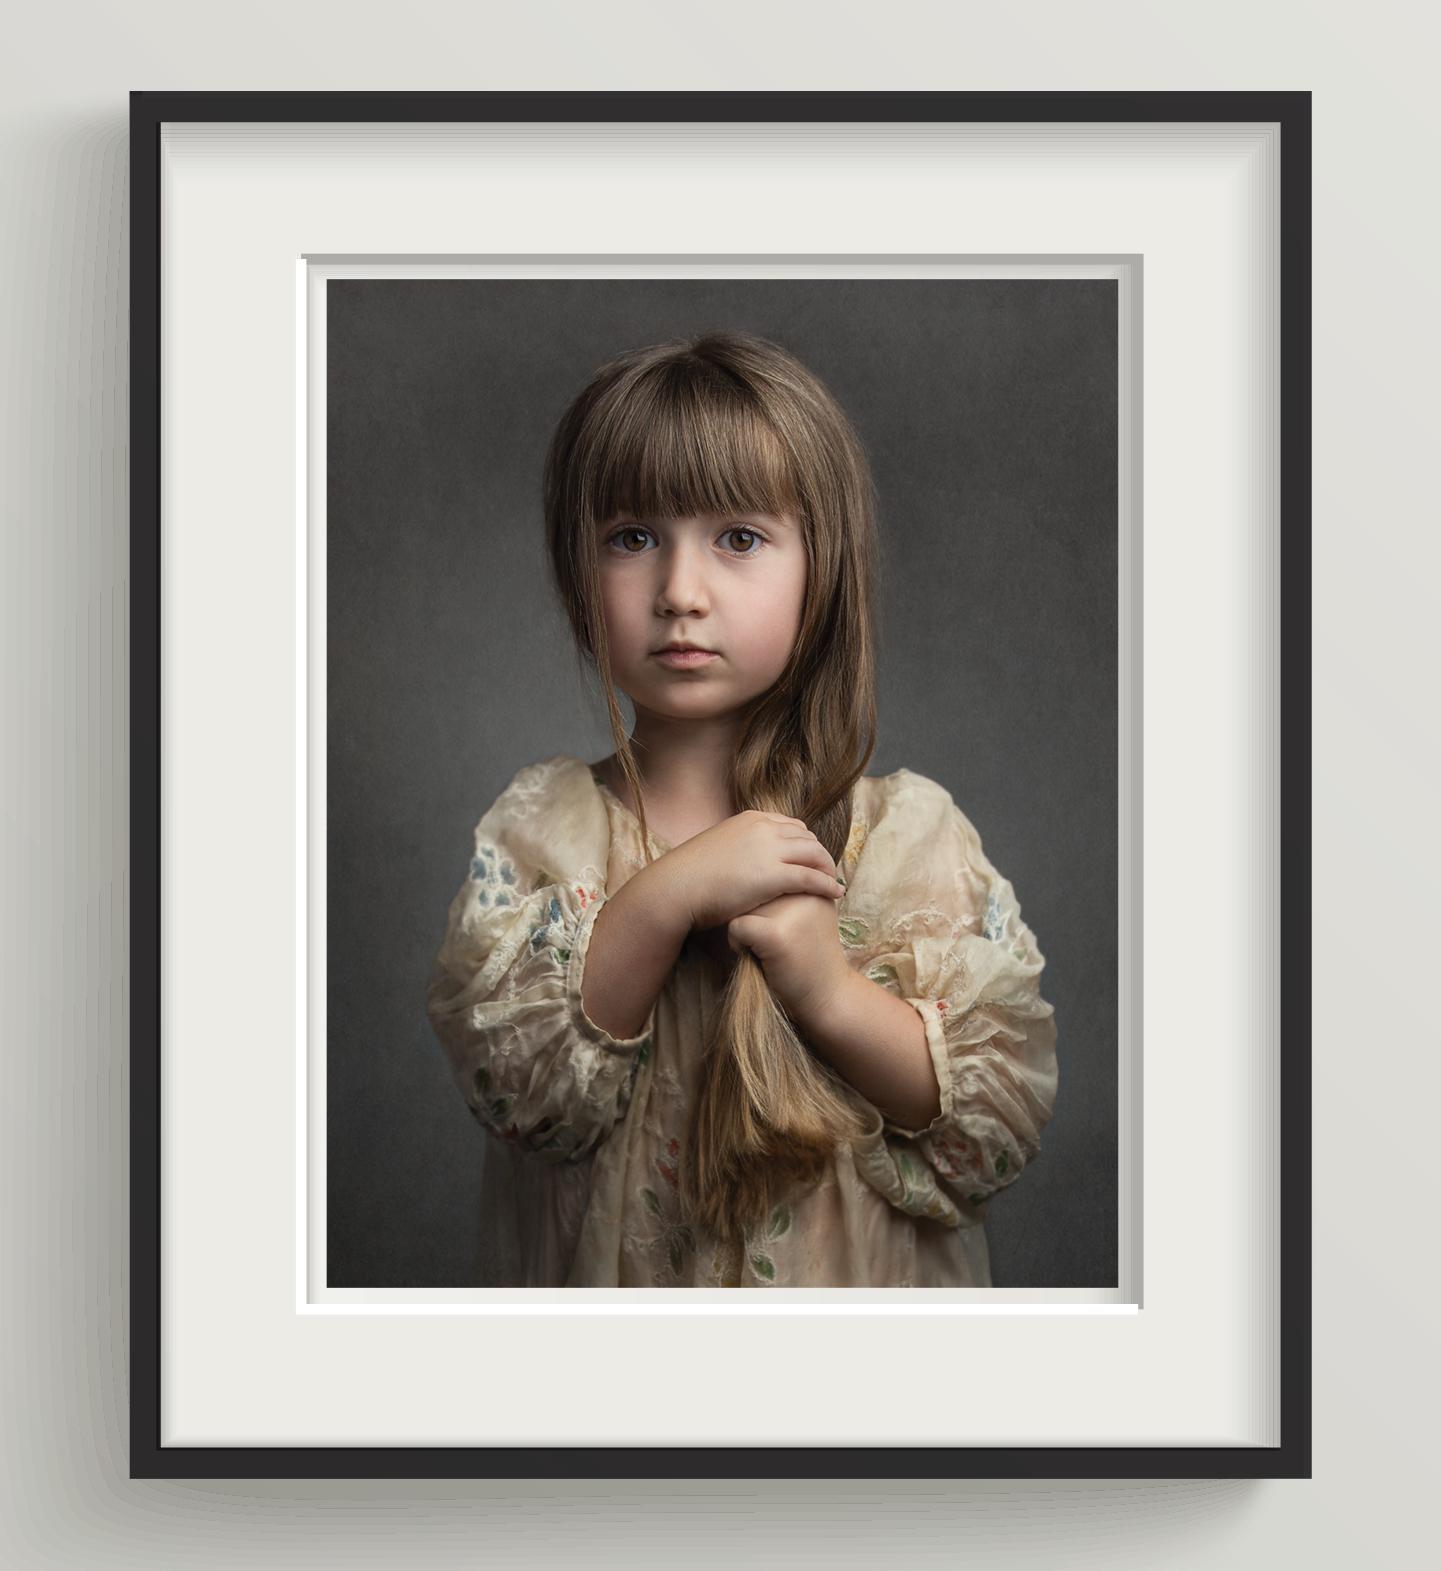 02 |White mat, black matte wooden frame